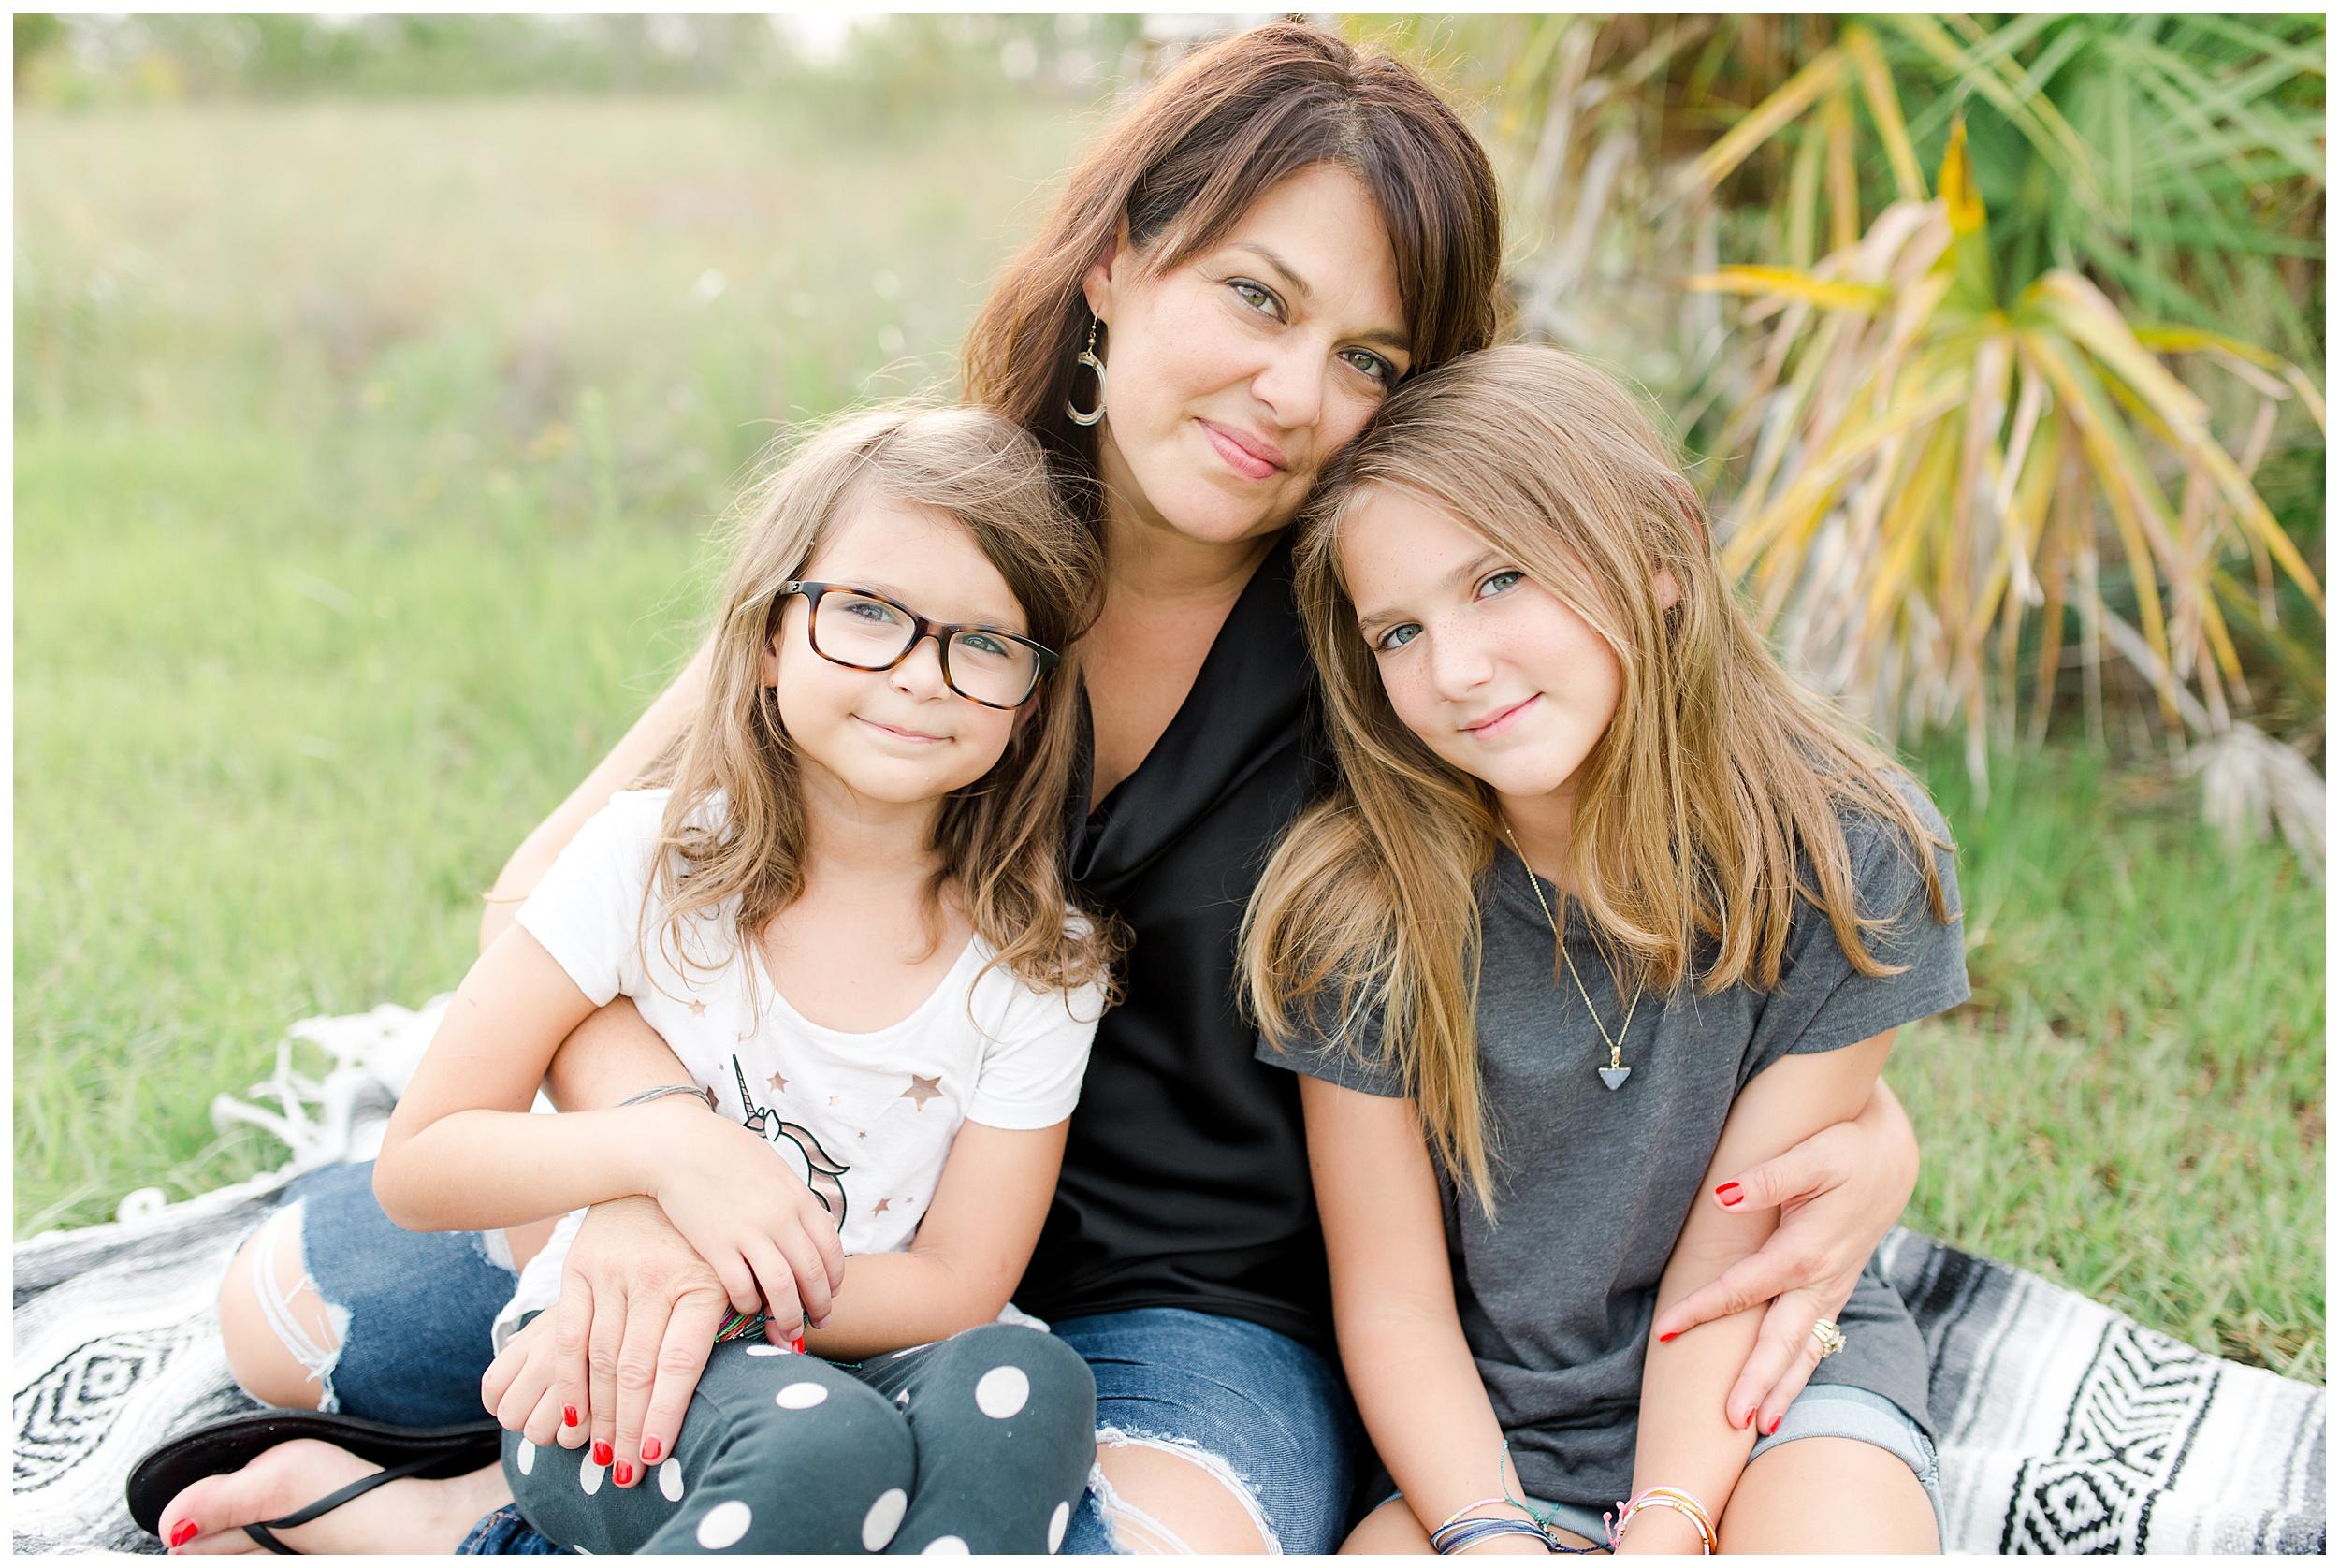 lexington-ky-family-lifestyle-photographer-priscilla-baierlein_1729.jpg